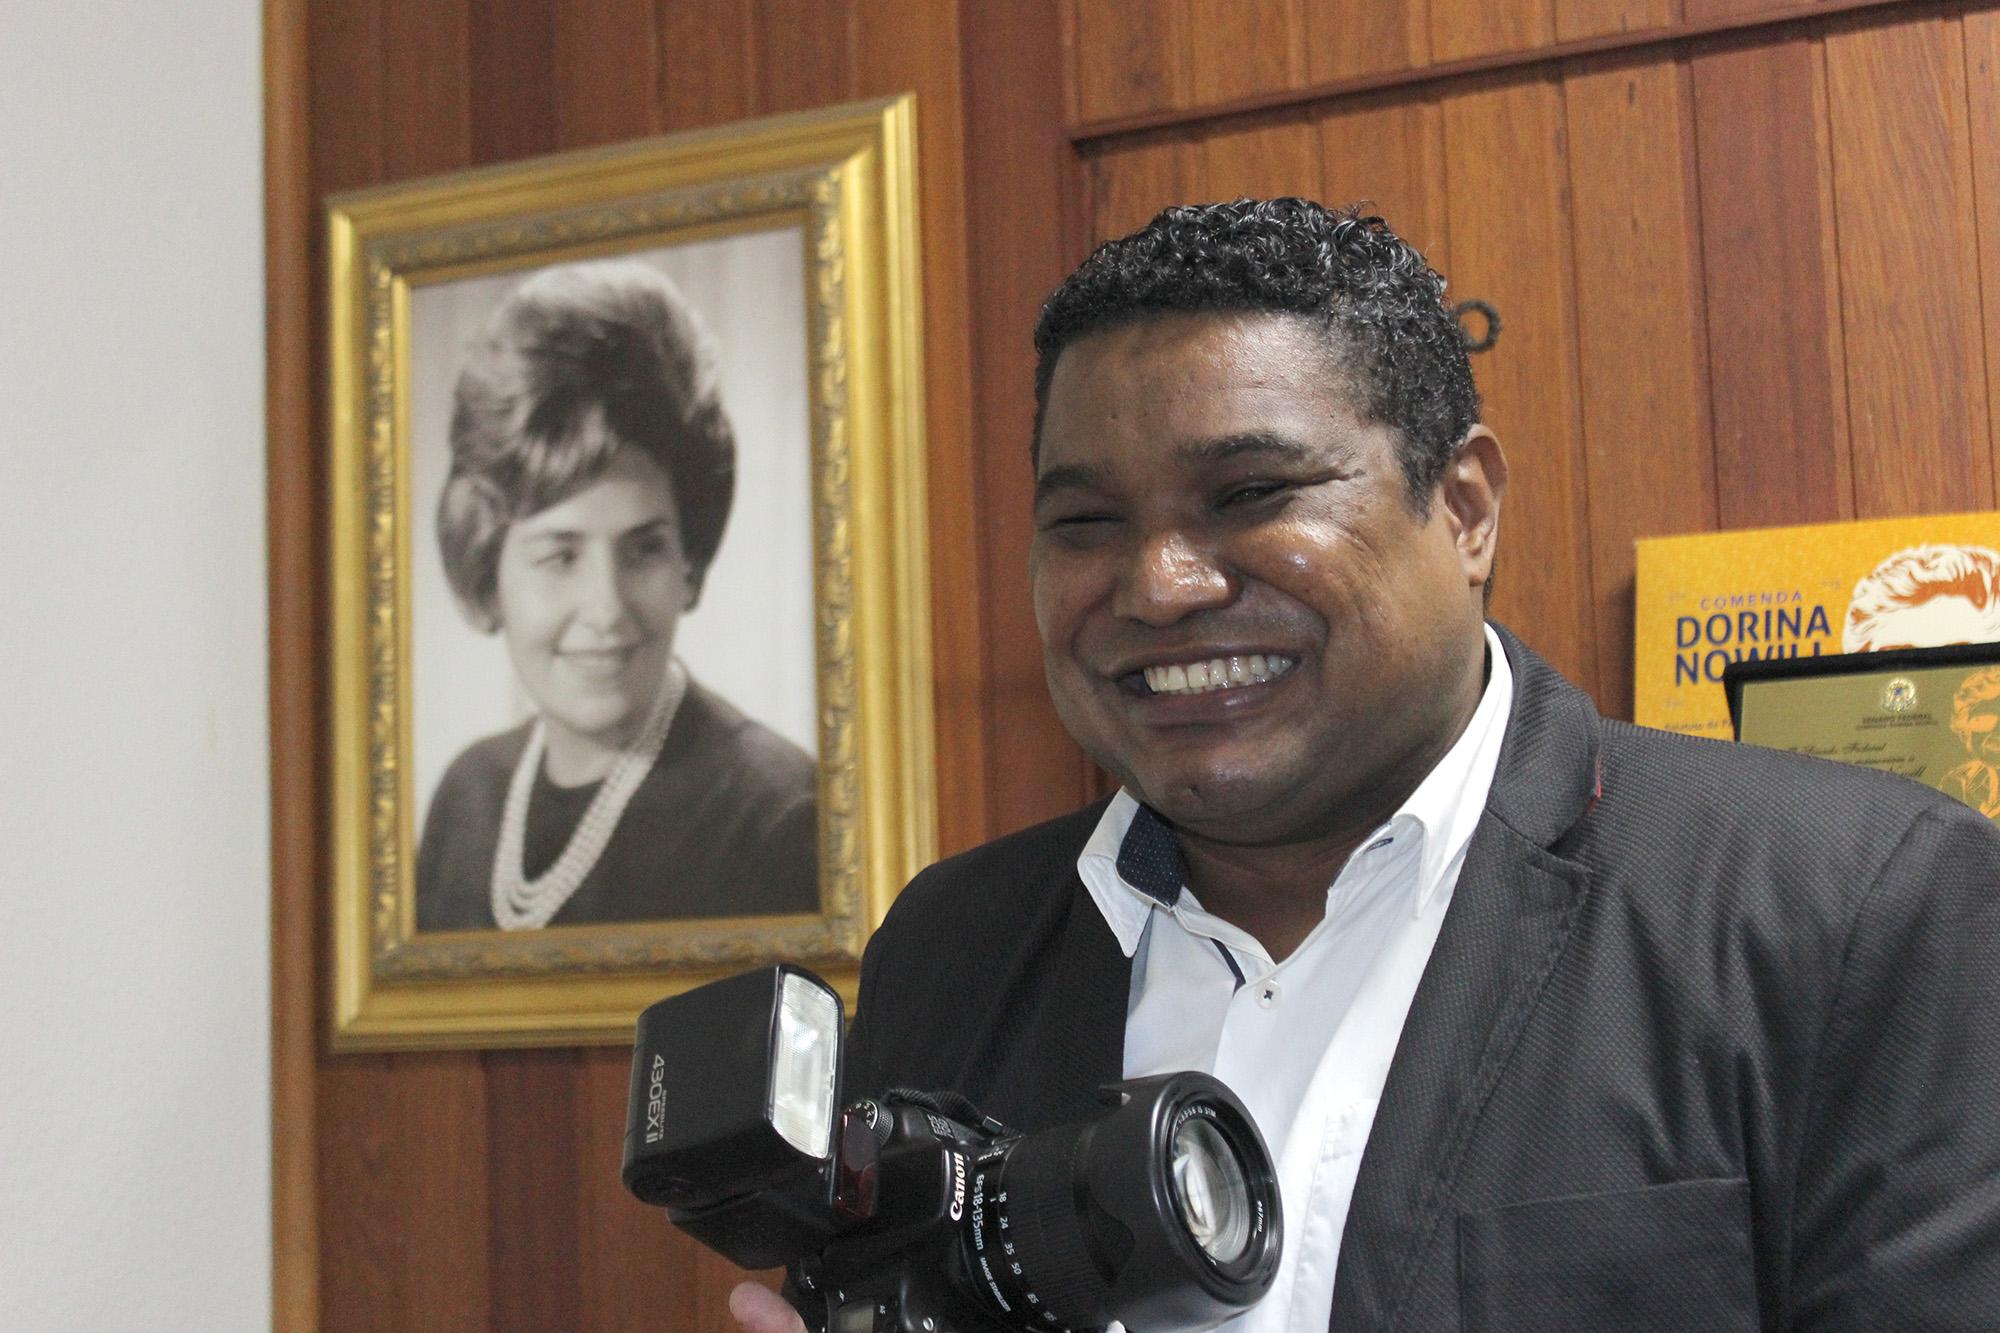 Descrição da imagem: foto de João Maia sorridente empunhando uma câmera fotográfica na altura do peito. Ele é negro, tem cabelos curtos e veste camisa branca com terno preto. Atrás dele há um retrato em branco e preto de Dorina Nowill na parede.